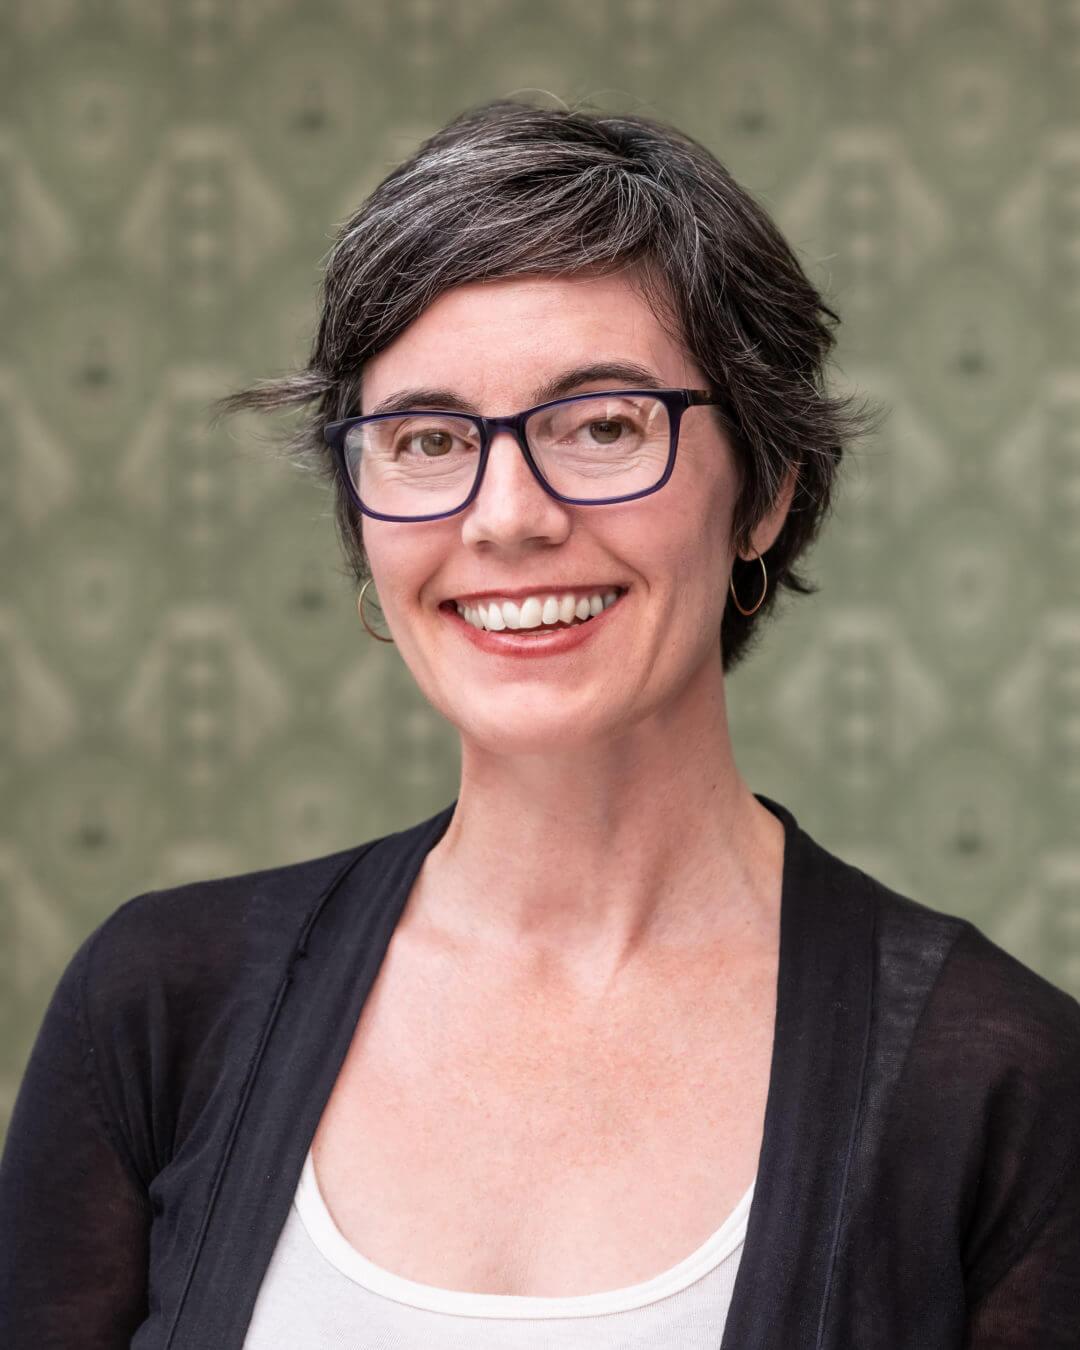 Celeyce Matthews, BSN, RN